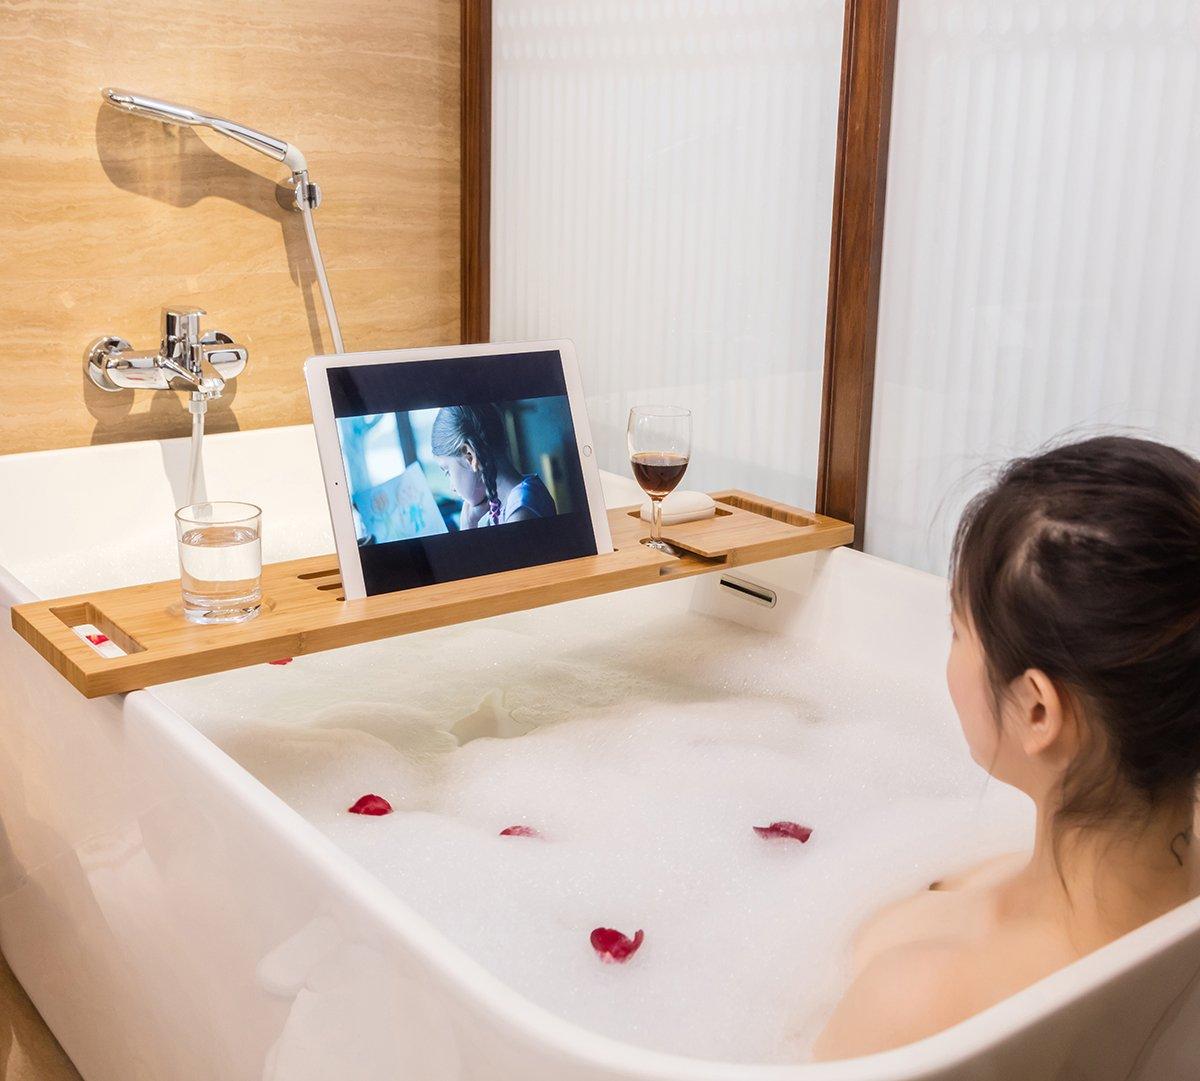 Gobam Expandable Bathtub Caddy Bathroom Reading Tray Organizer,Fits ...